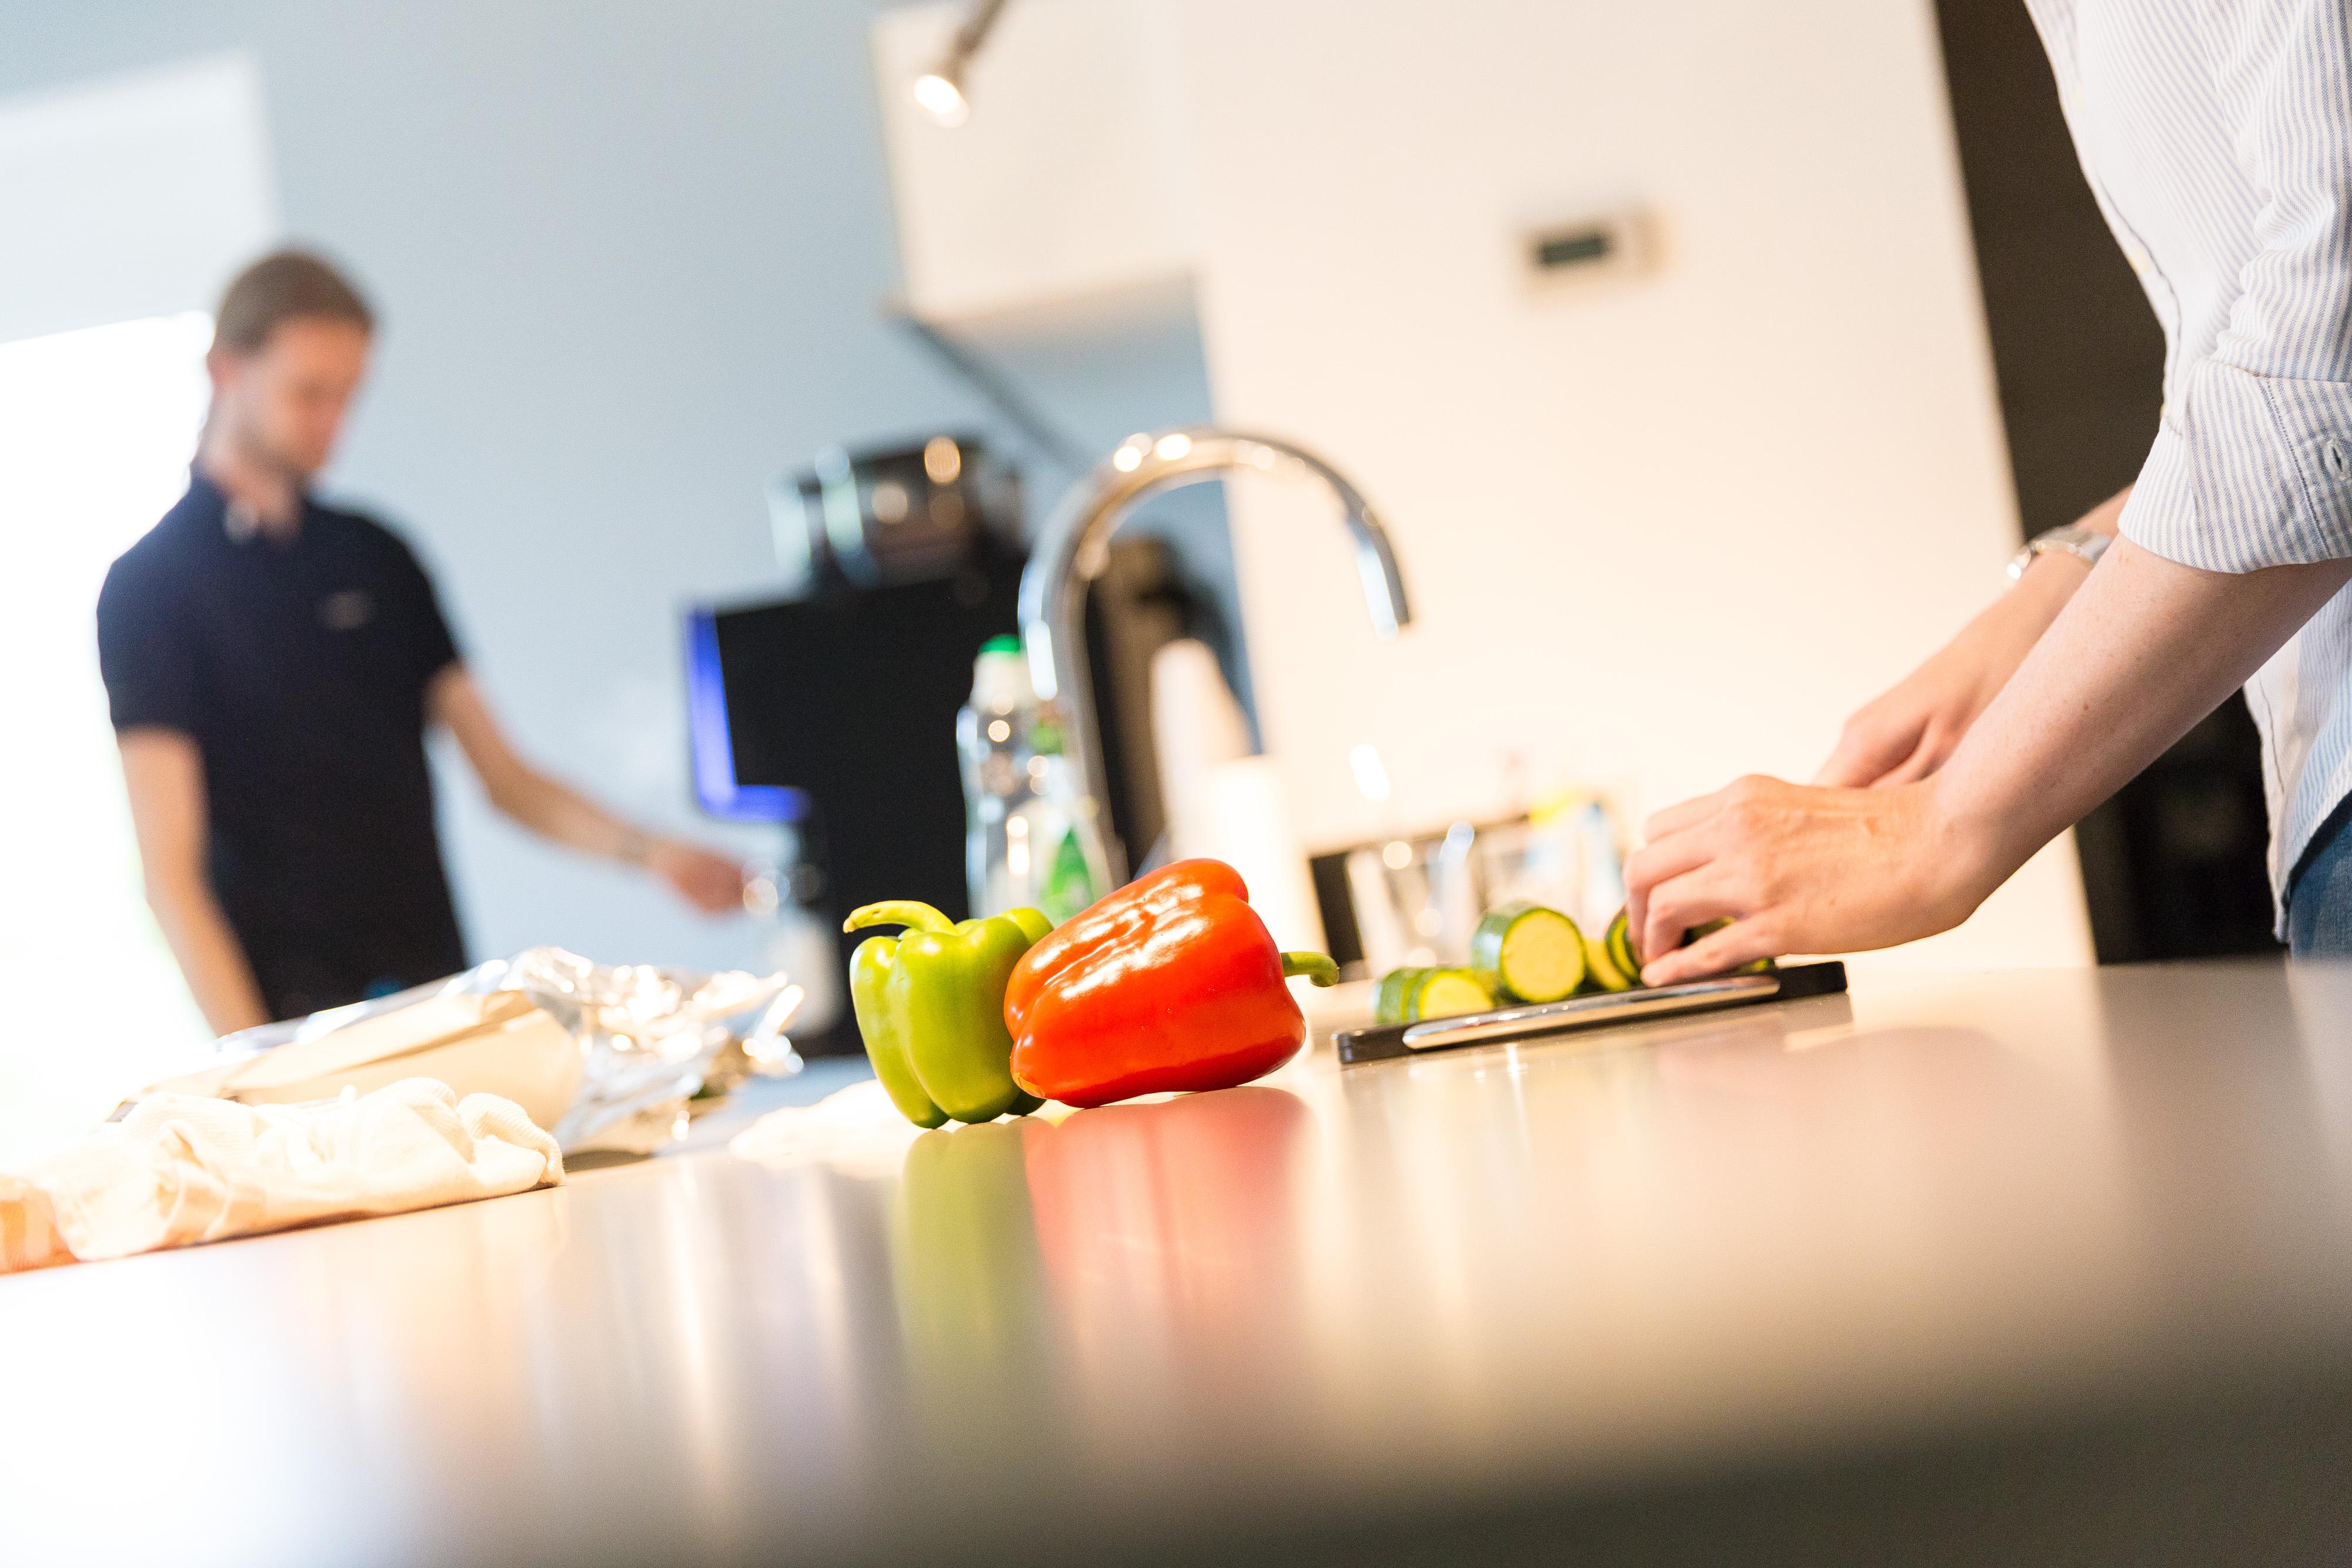 Kochen in einer der netzkern Küchen